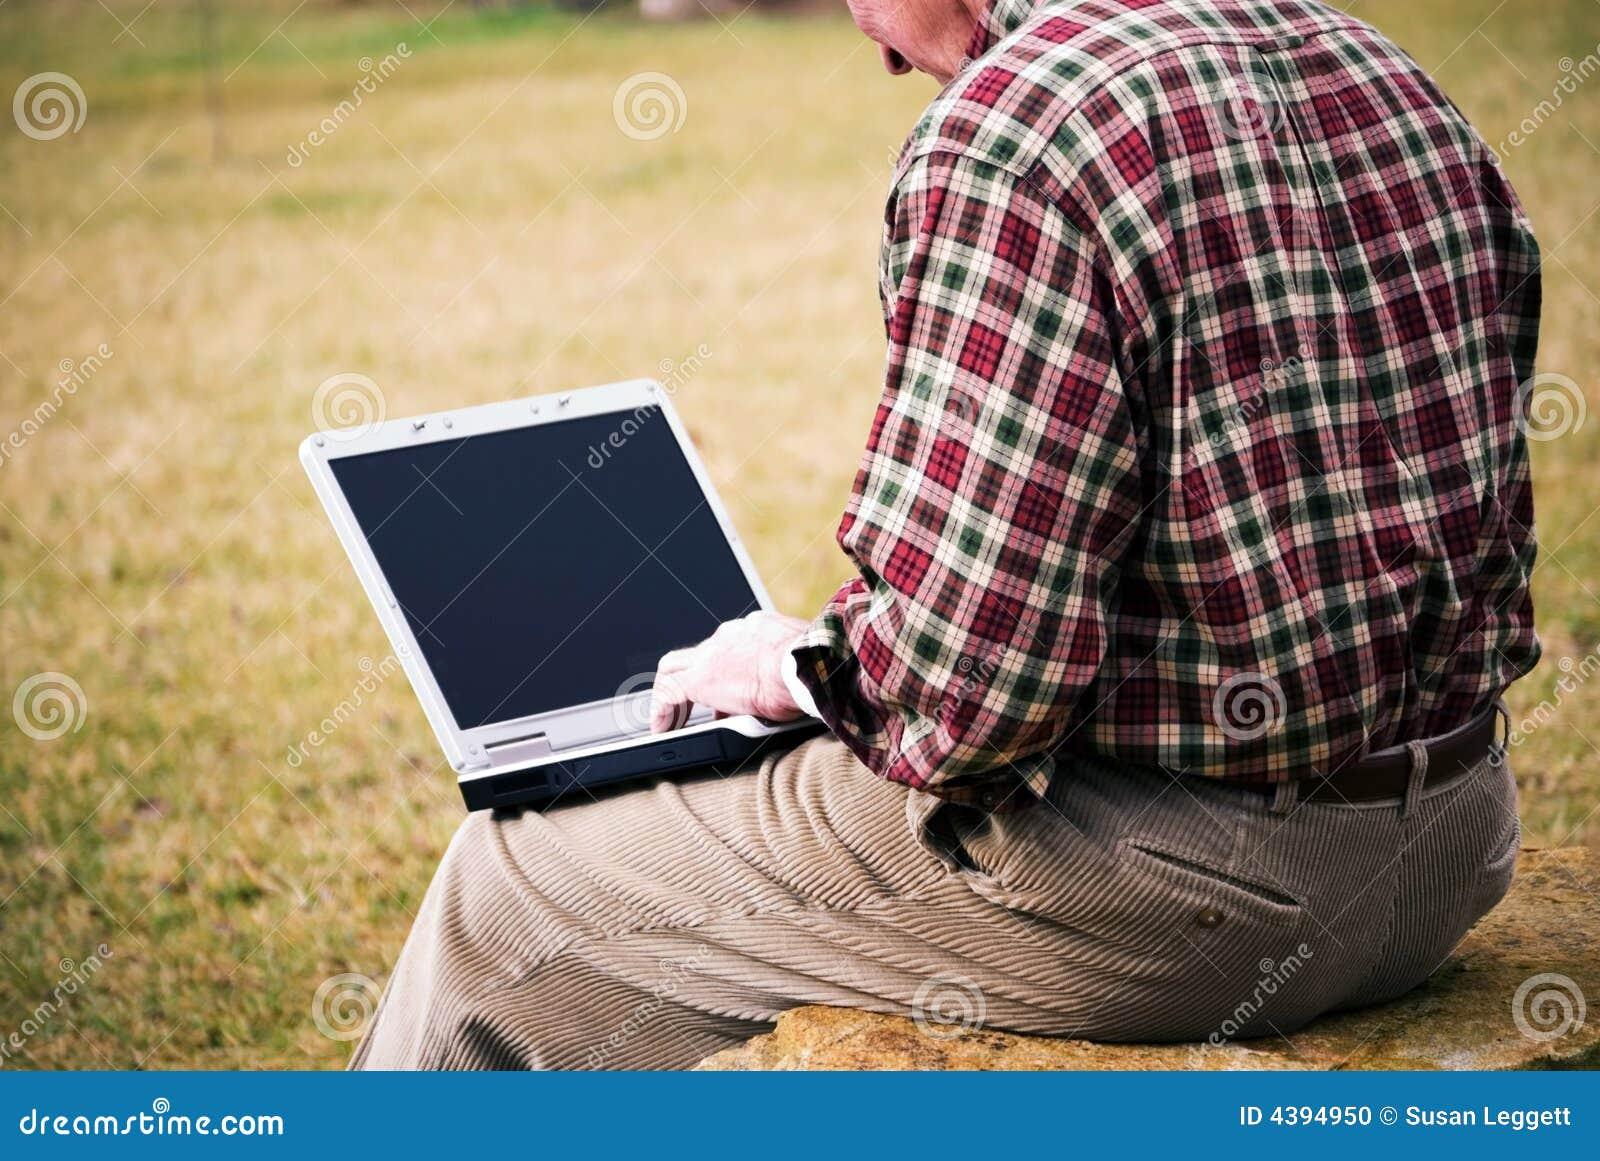 Feche acima do homem com portátil